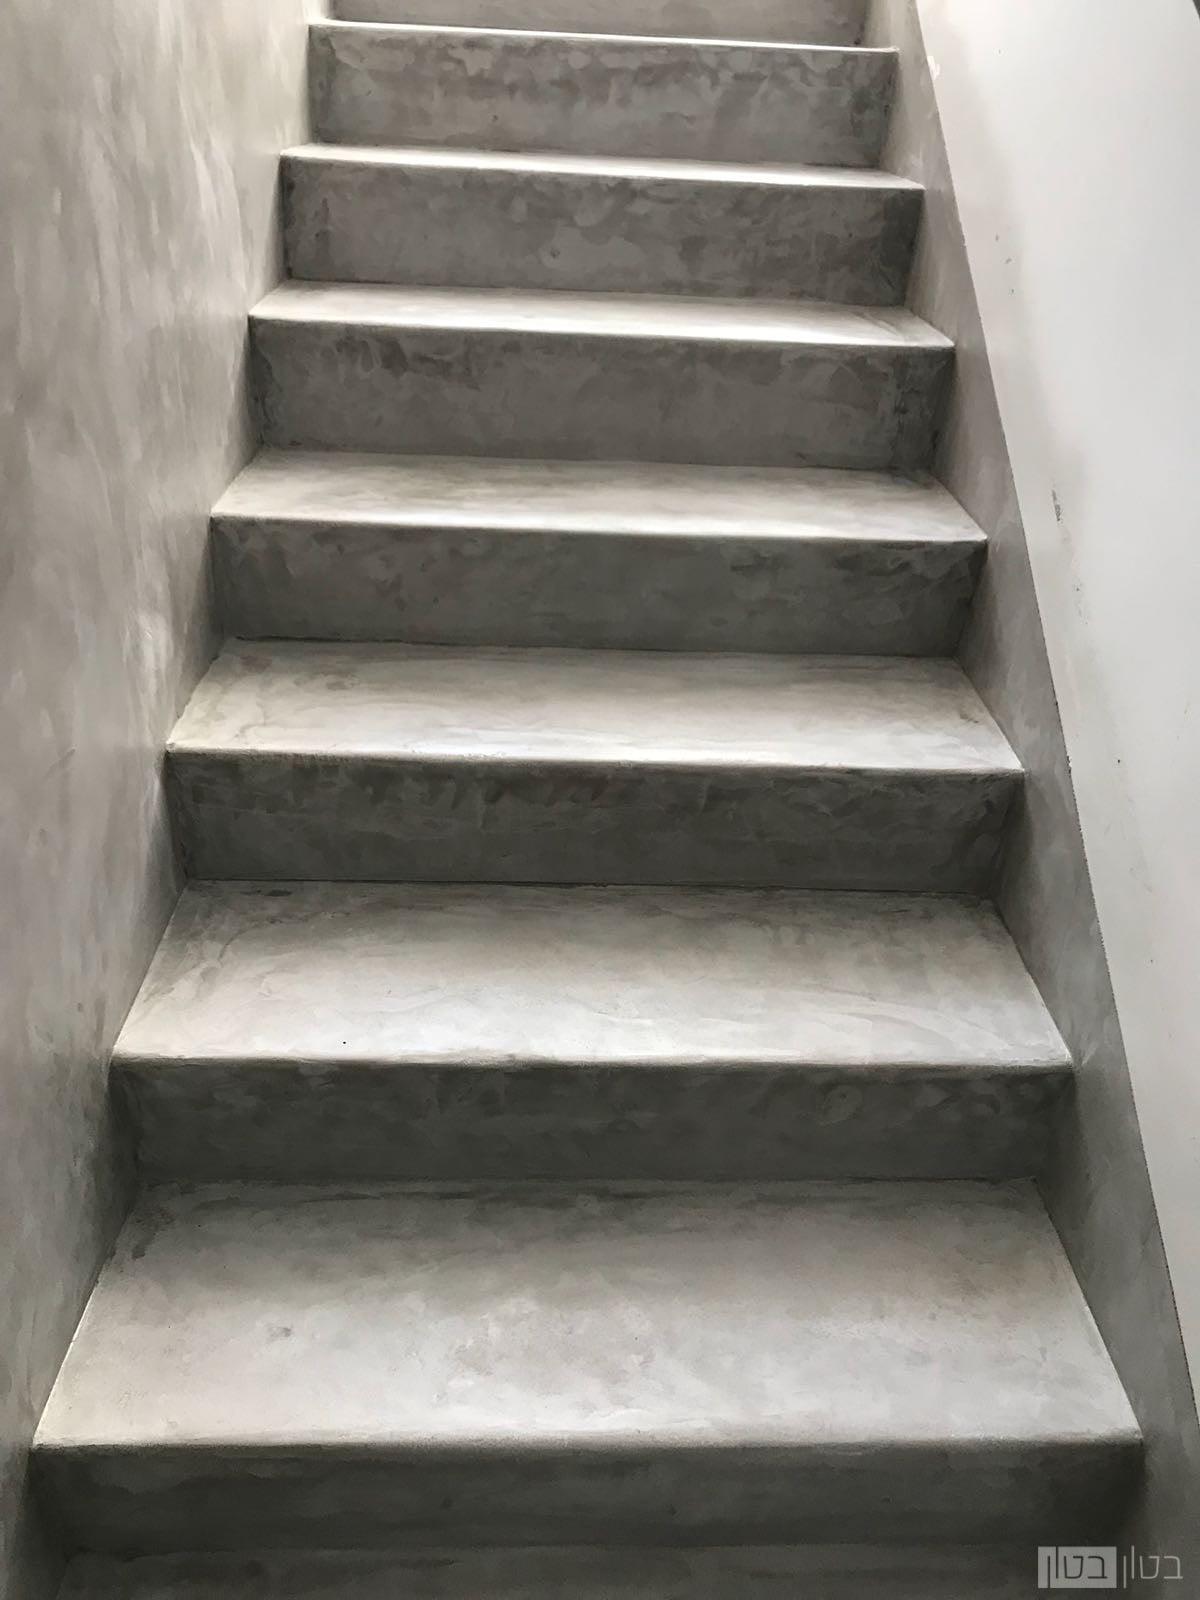 חומת ומדרגות מיקרוטופינג בשכבה דקה